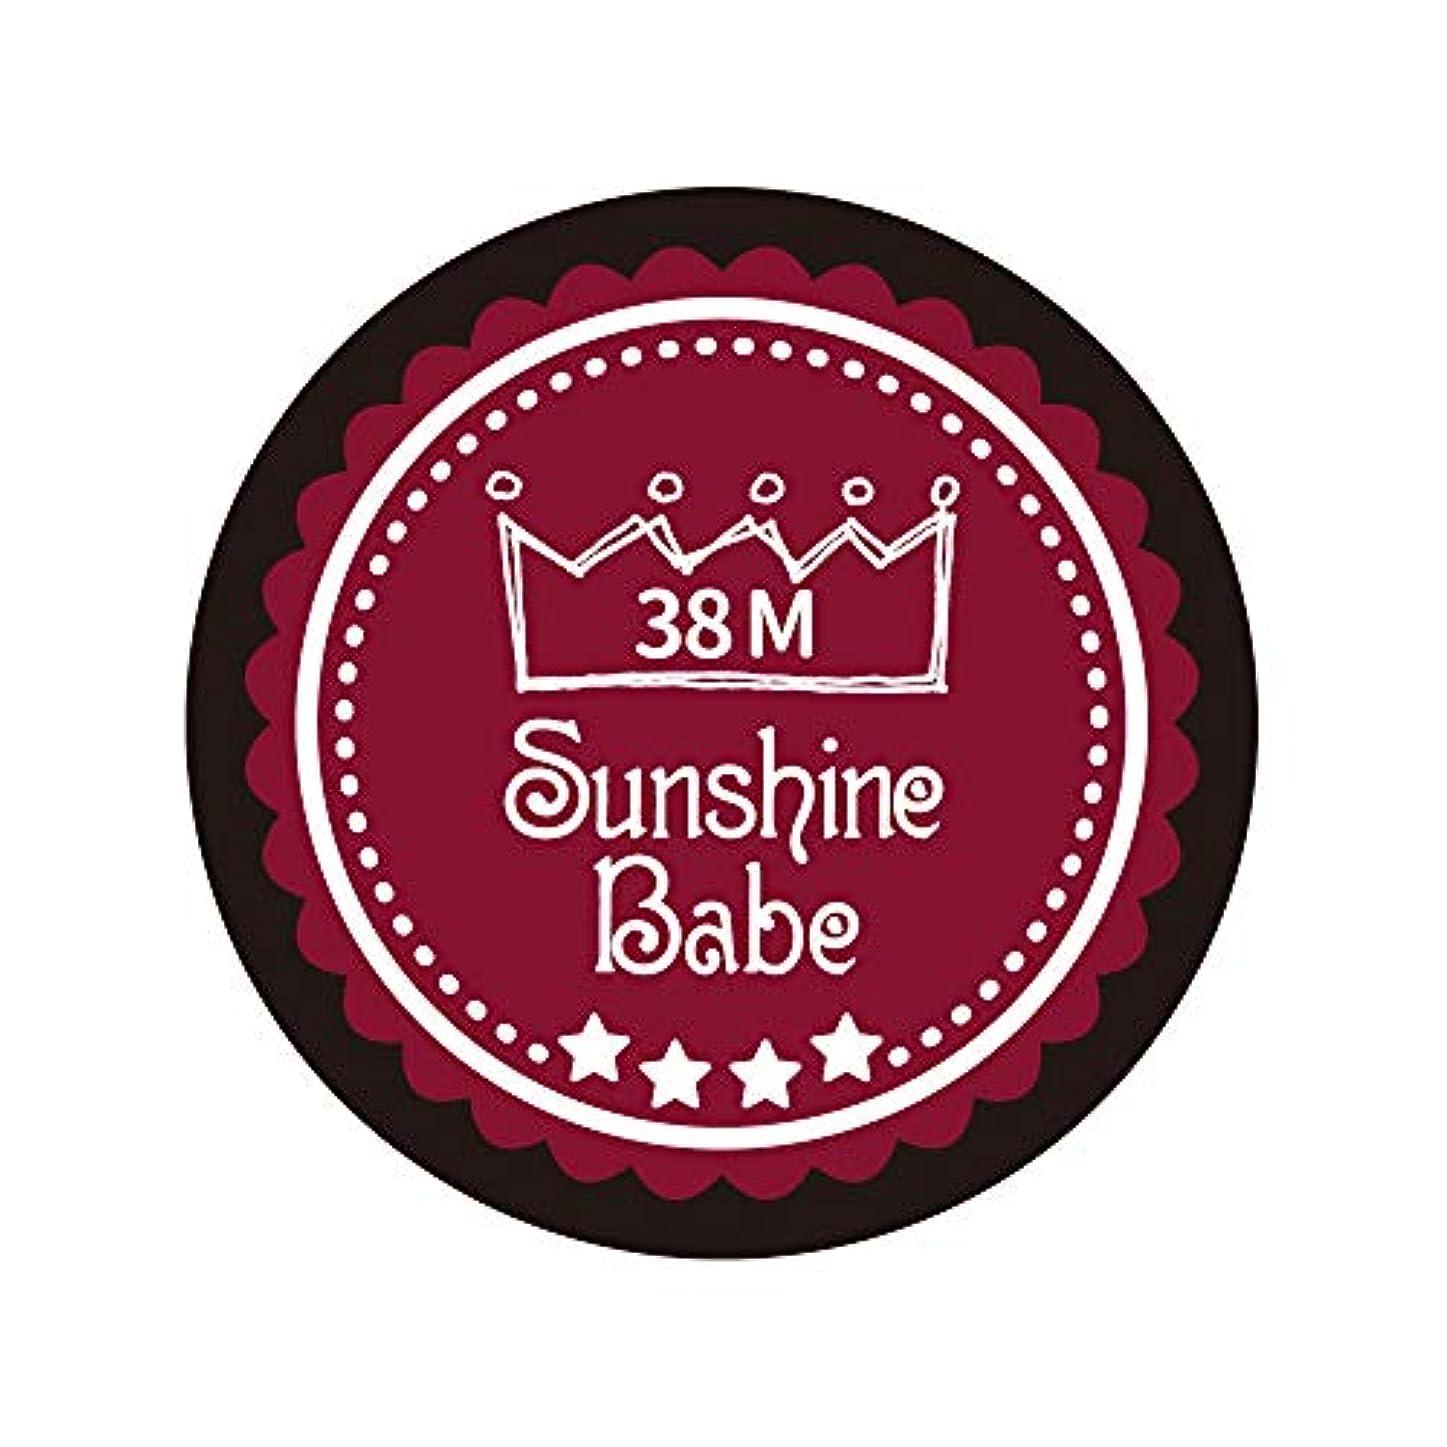 不適切な状態コンパニオンSunshine Babe カラージェル 38M レッドペア 4g UV/LED対応